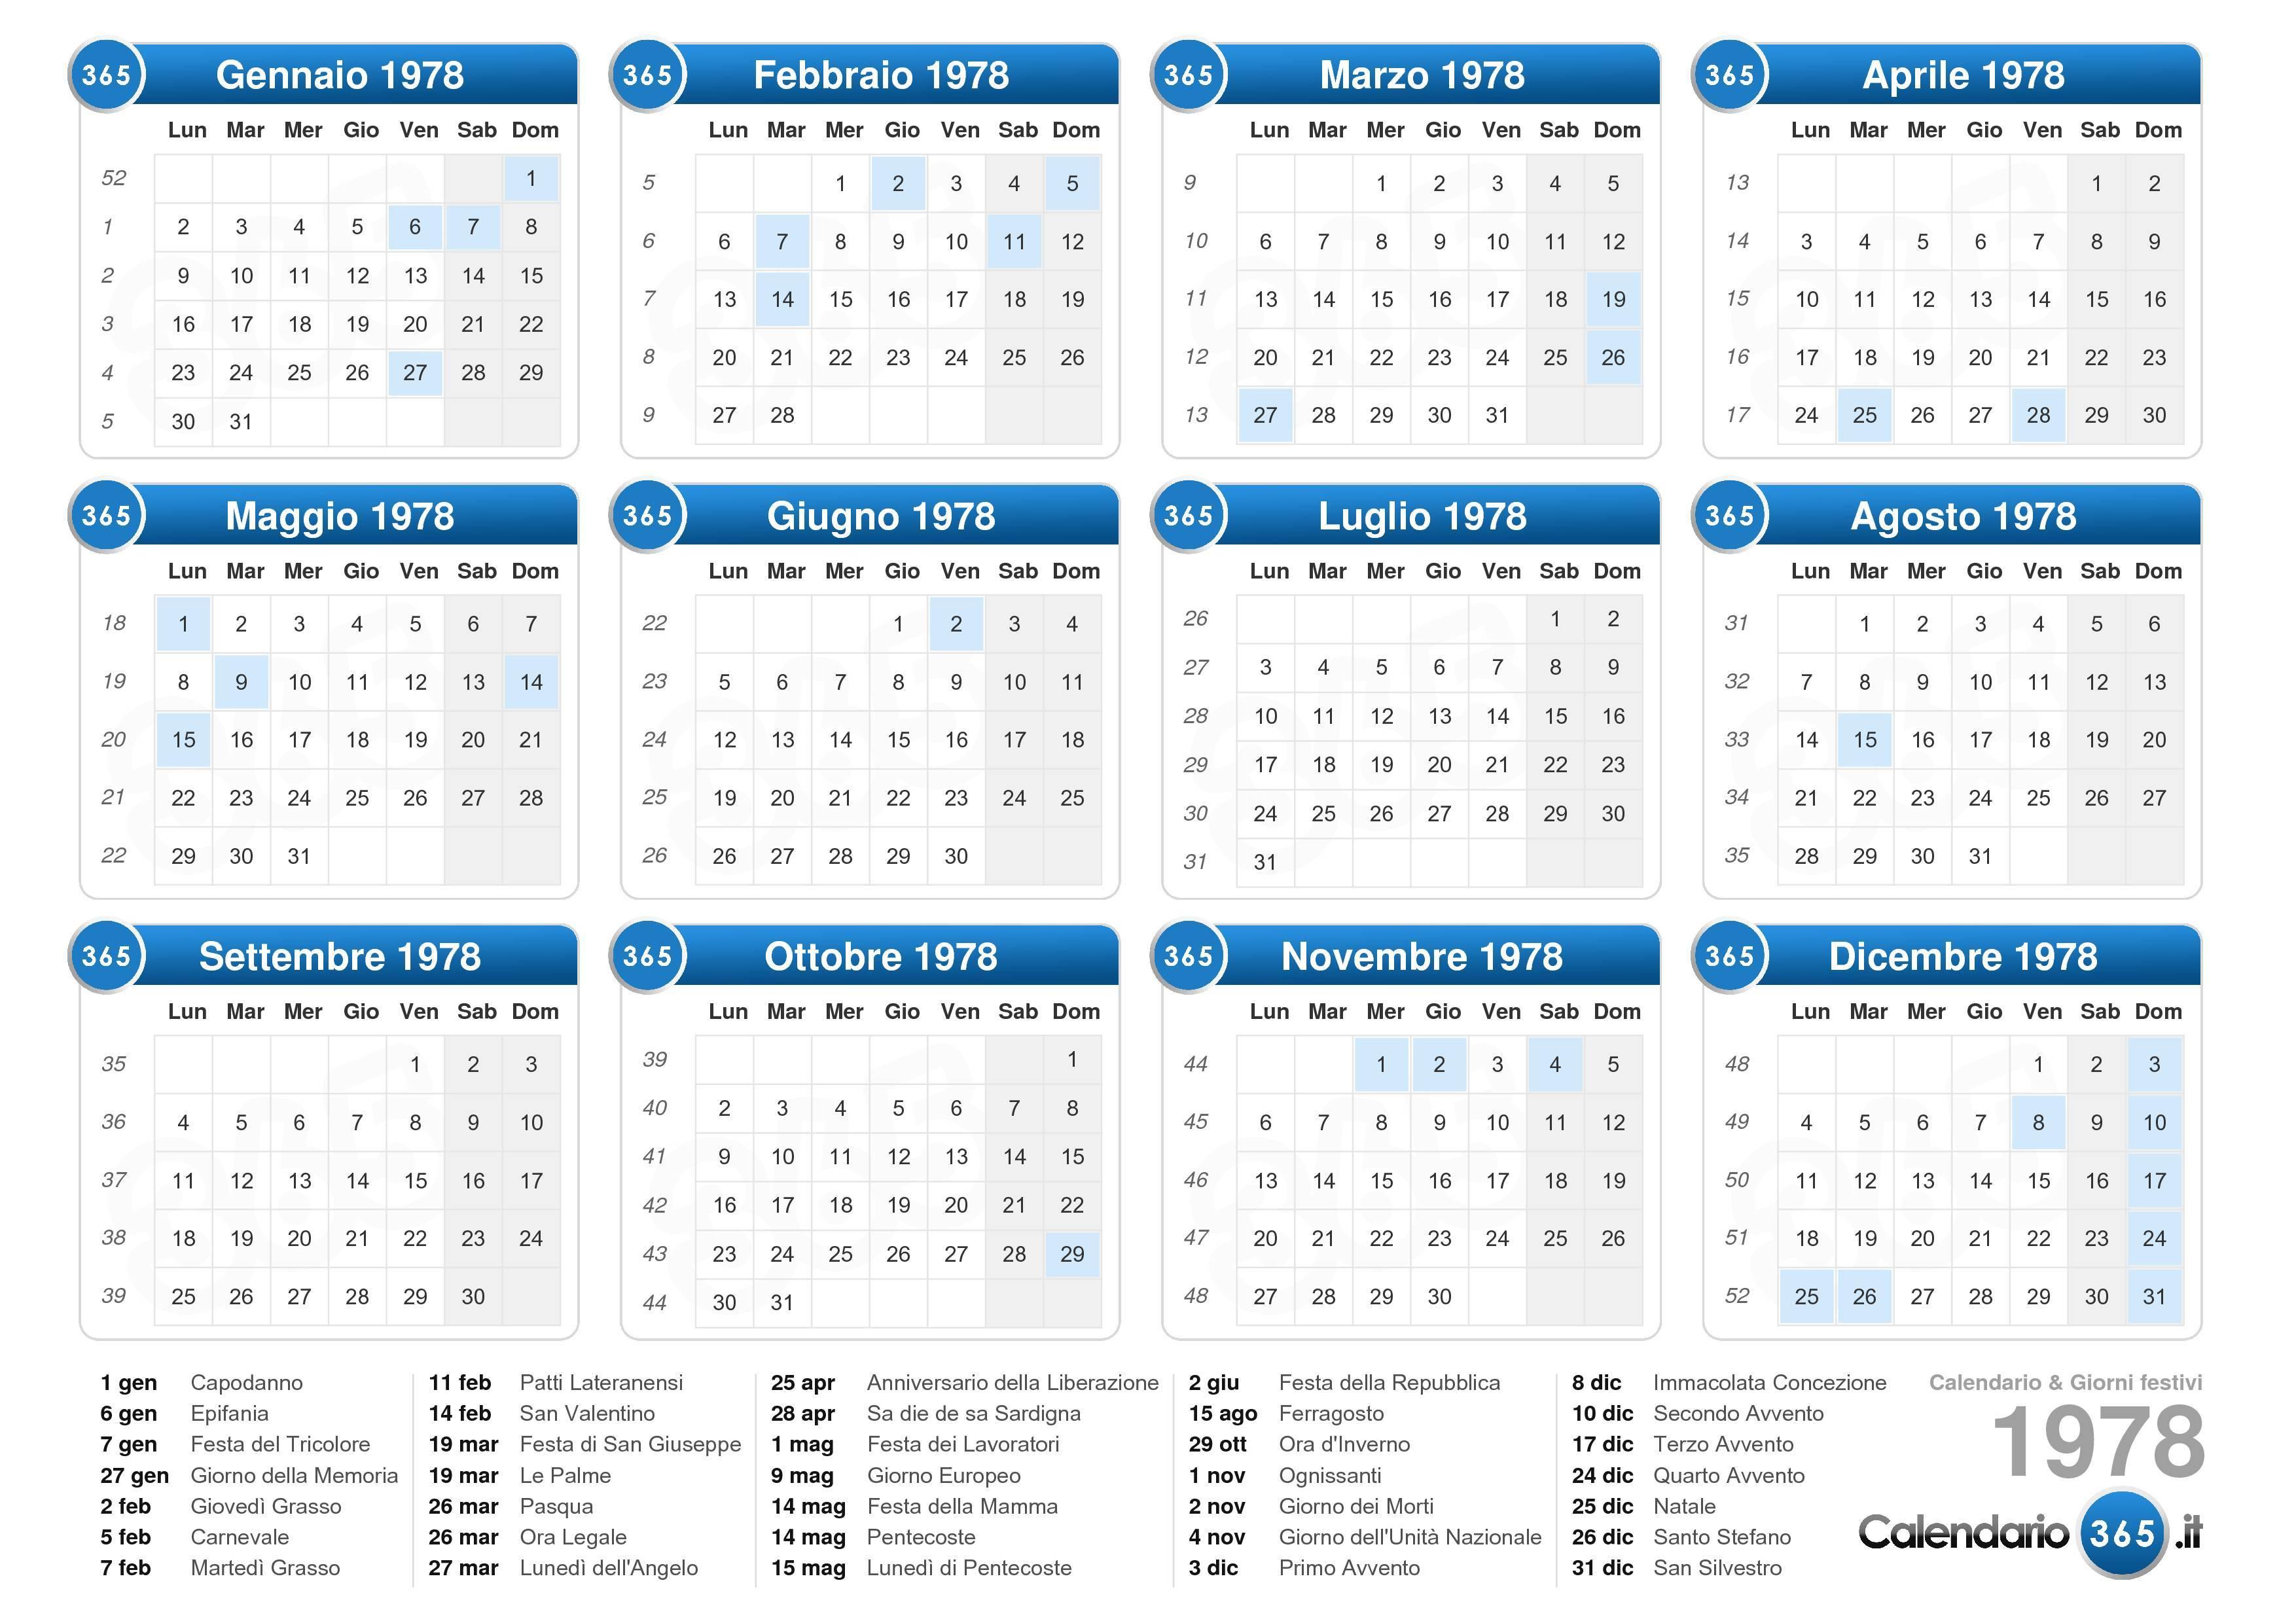 Calendario Lunare 1978.Calendario 1978